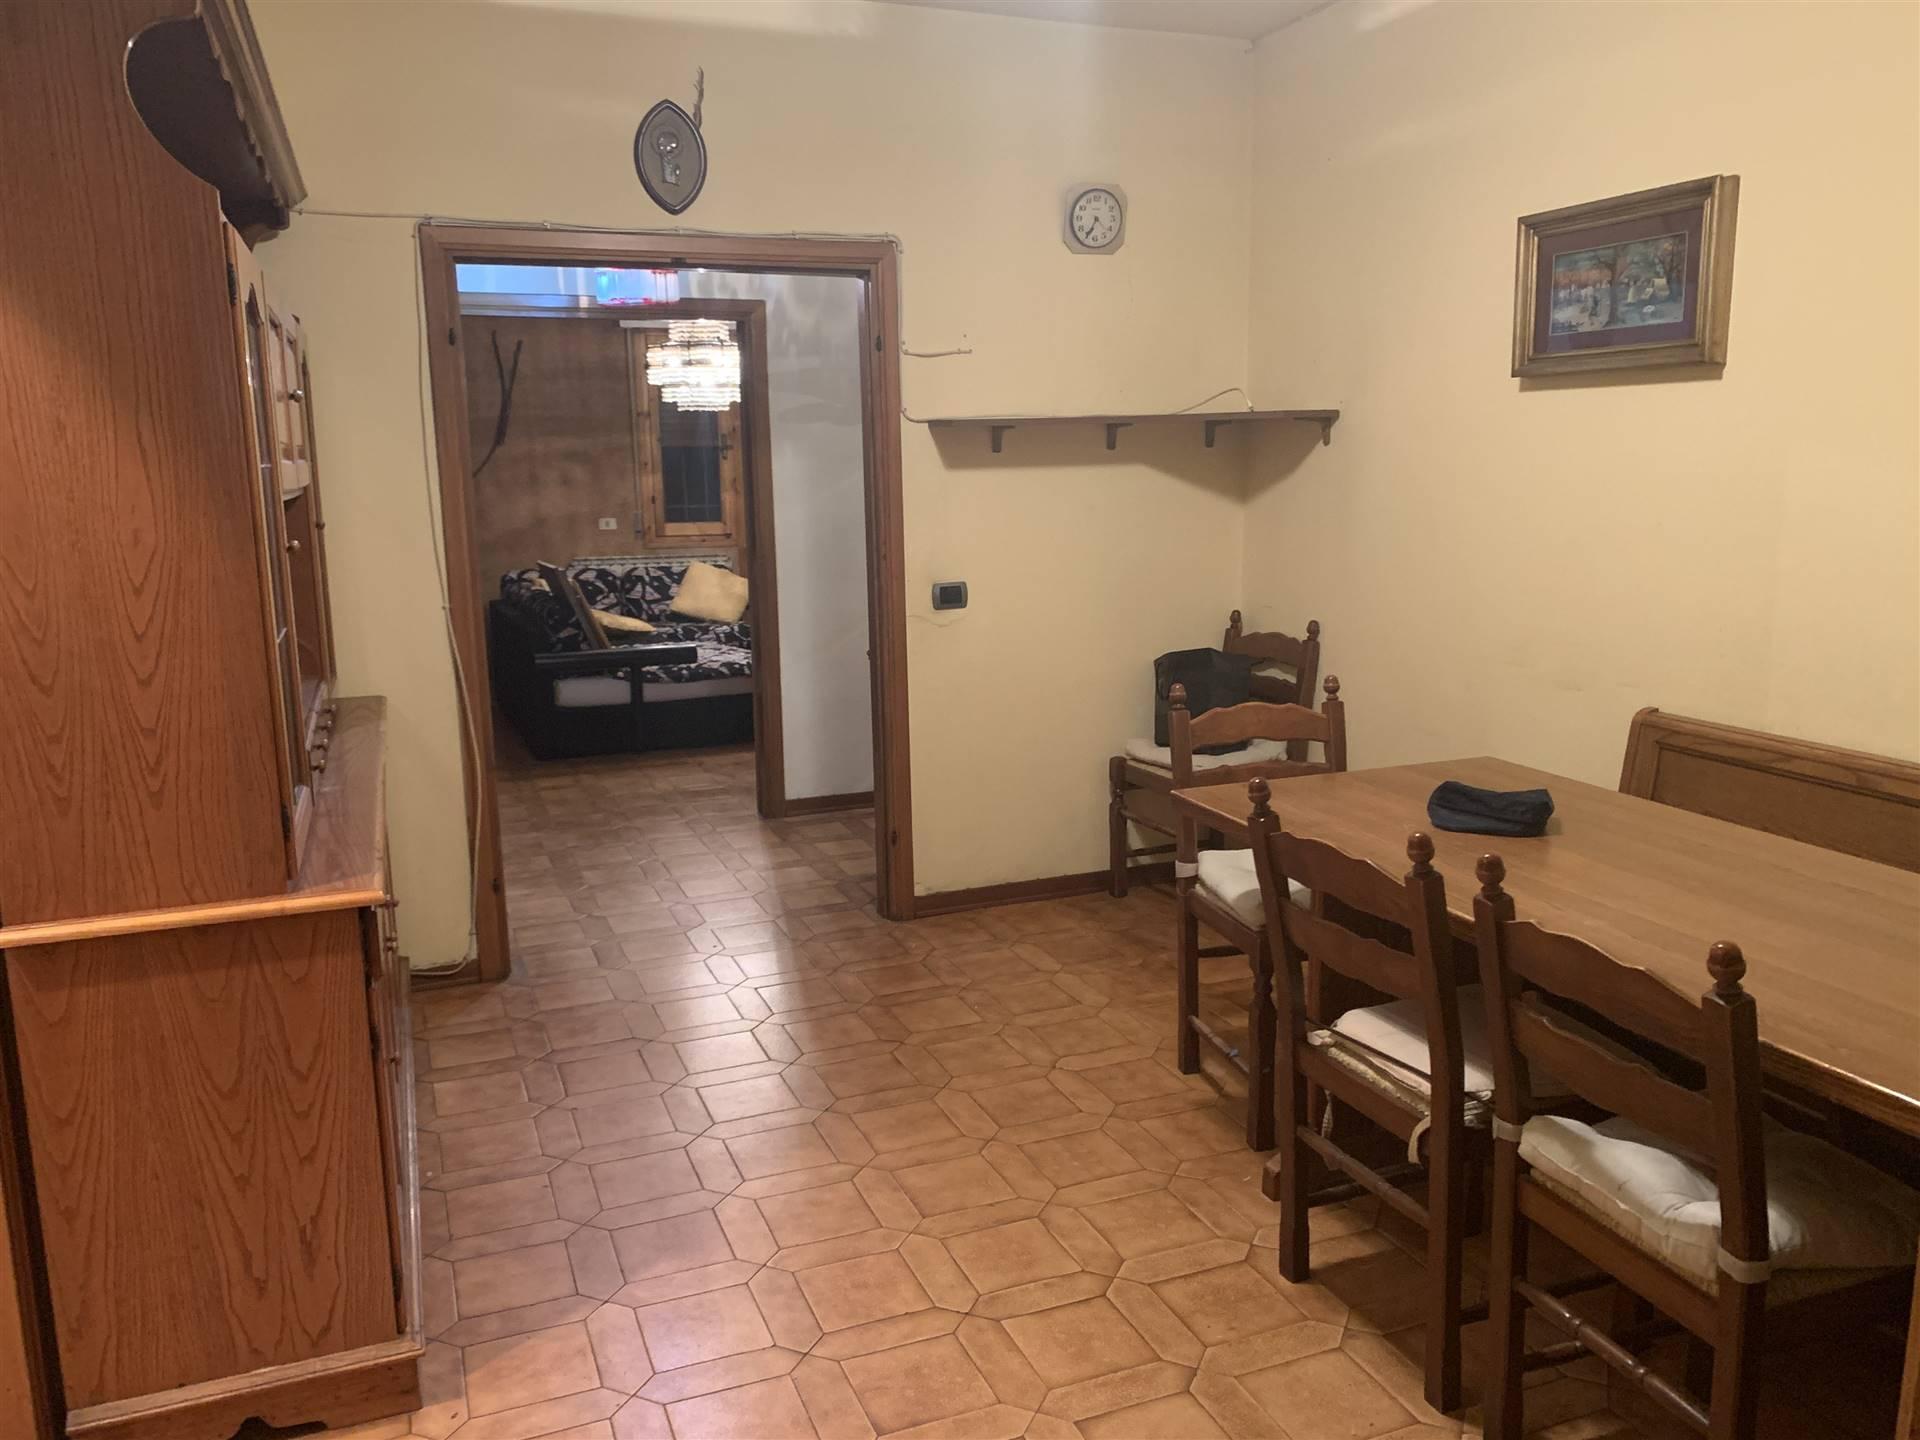 Appartamento in vendita a Figline e Incisa Valdarno, 4 locali, zona Località: SAN BIAGIO, prezzo € 165.000 | CambioCasa.it